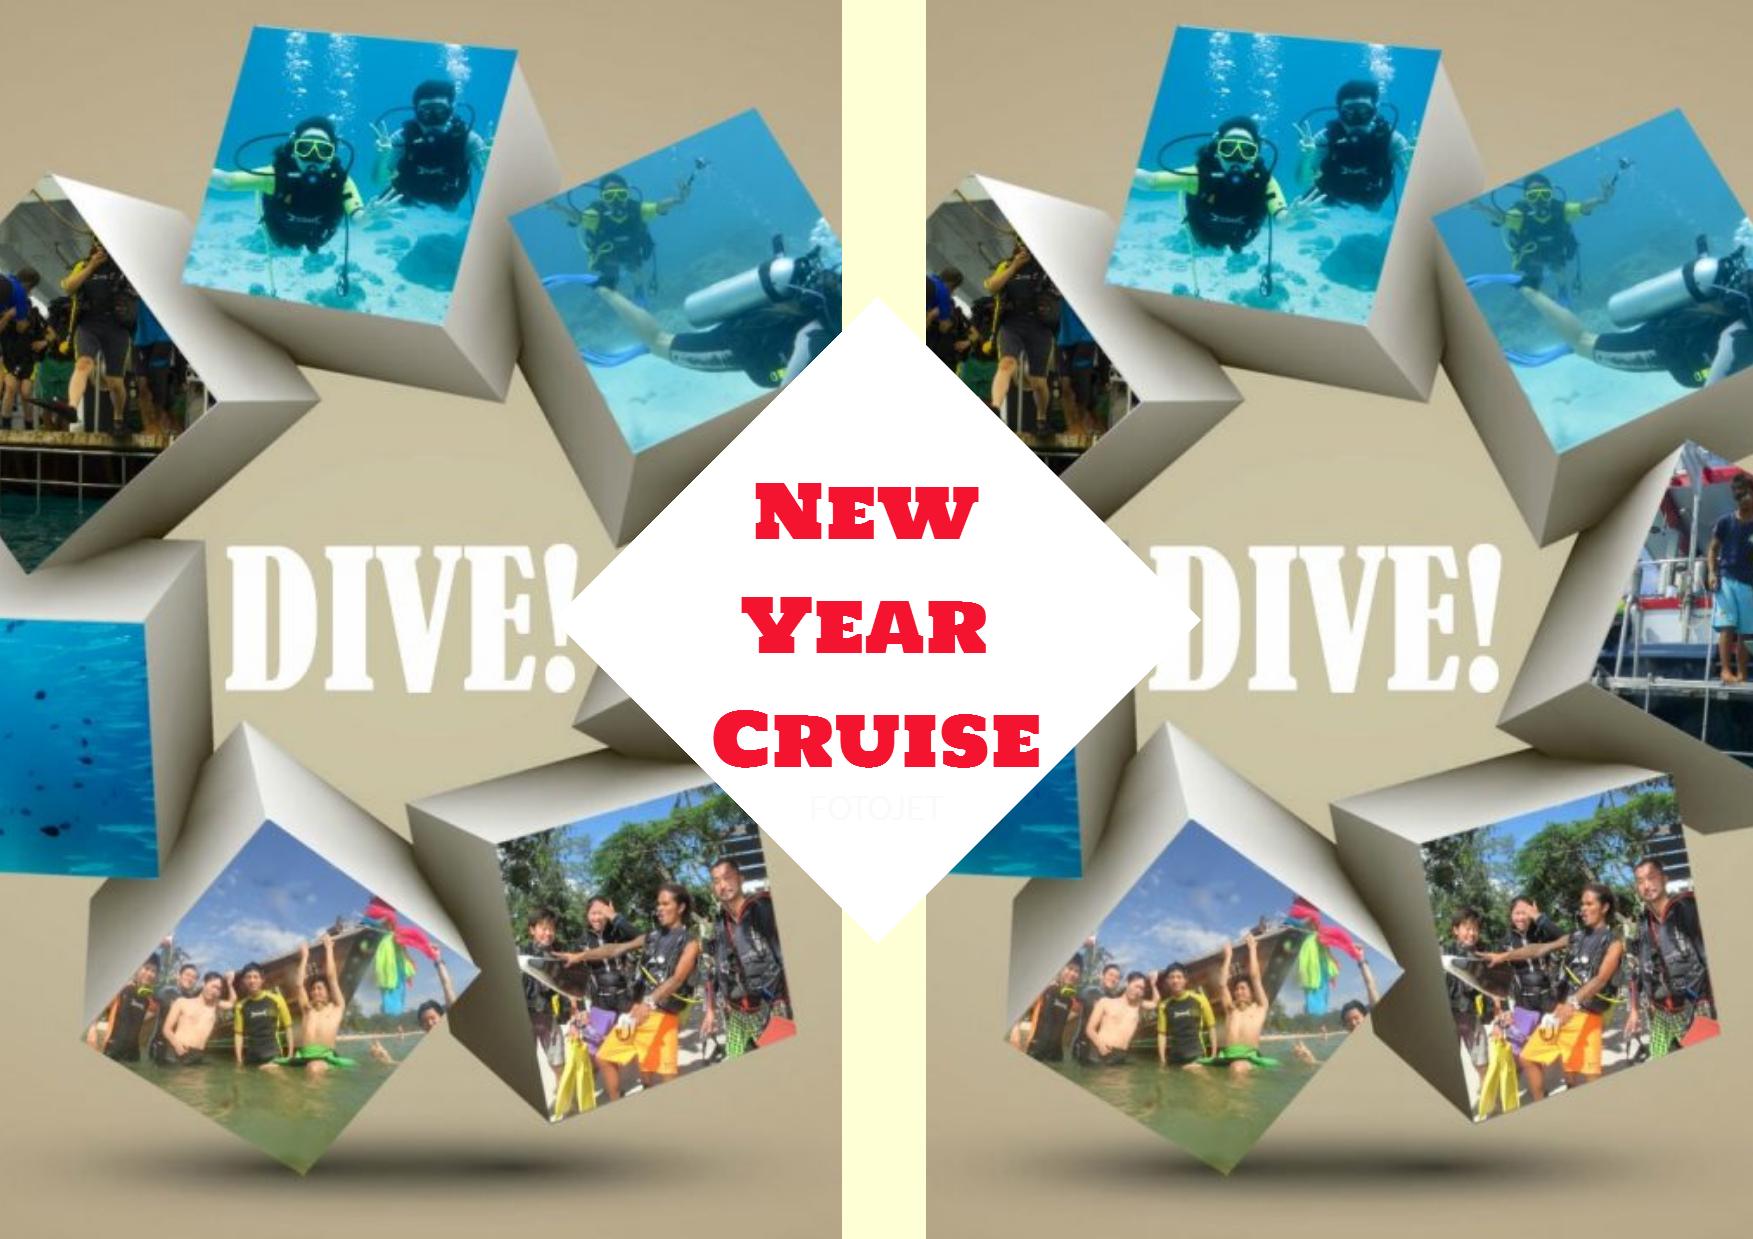 New Year Cruise